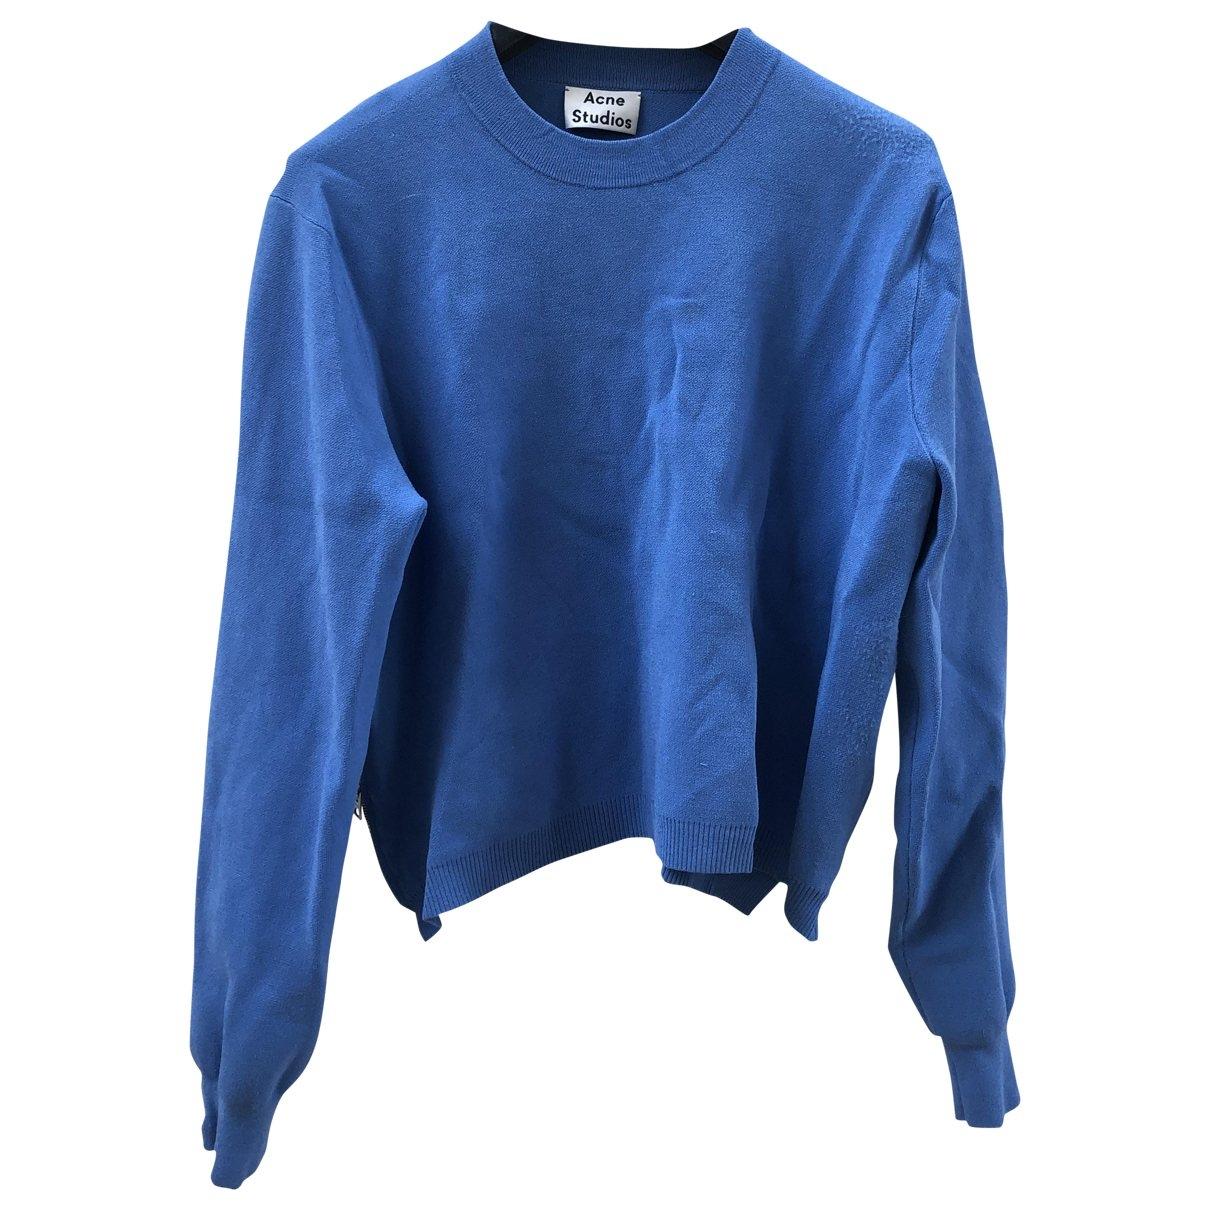 Acne Studios \N Blue Knitwear for Women S International